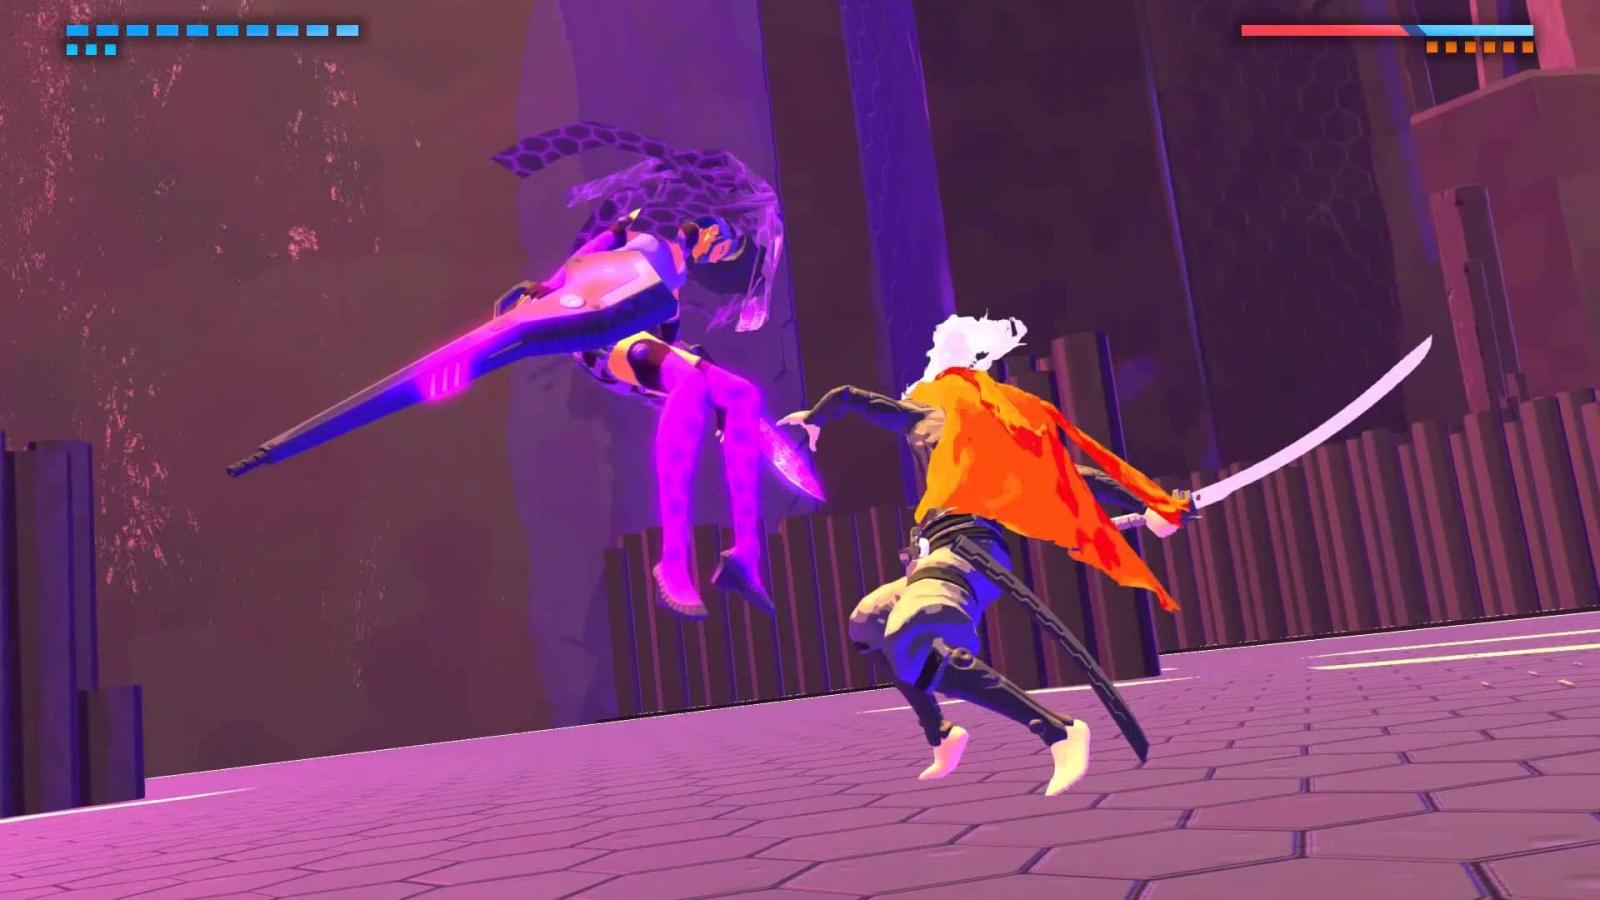 Furi game PS4